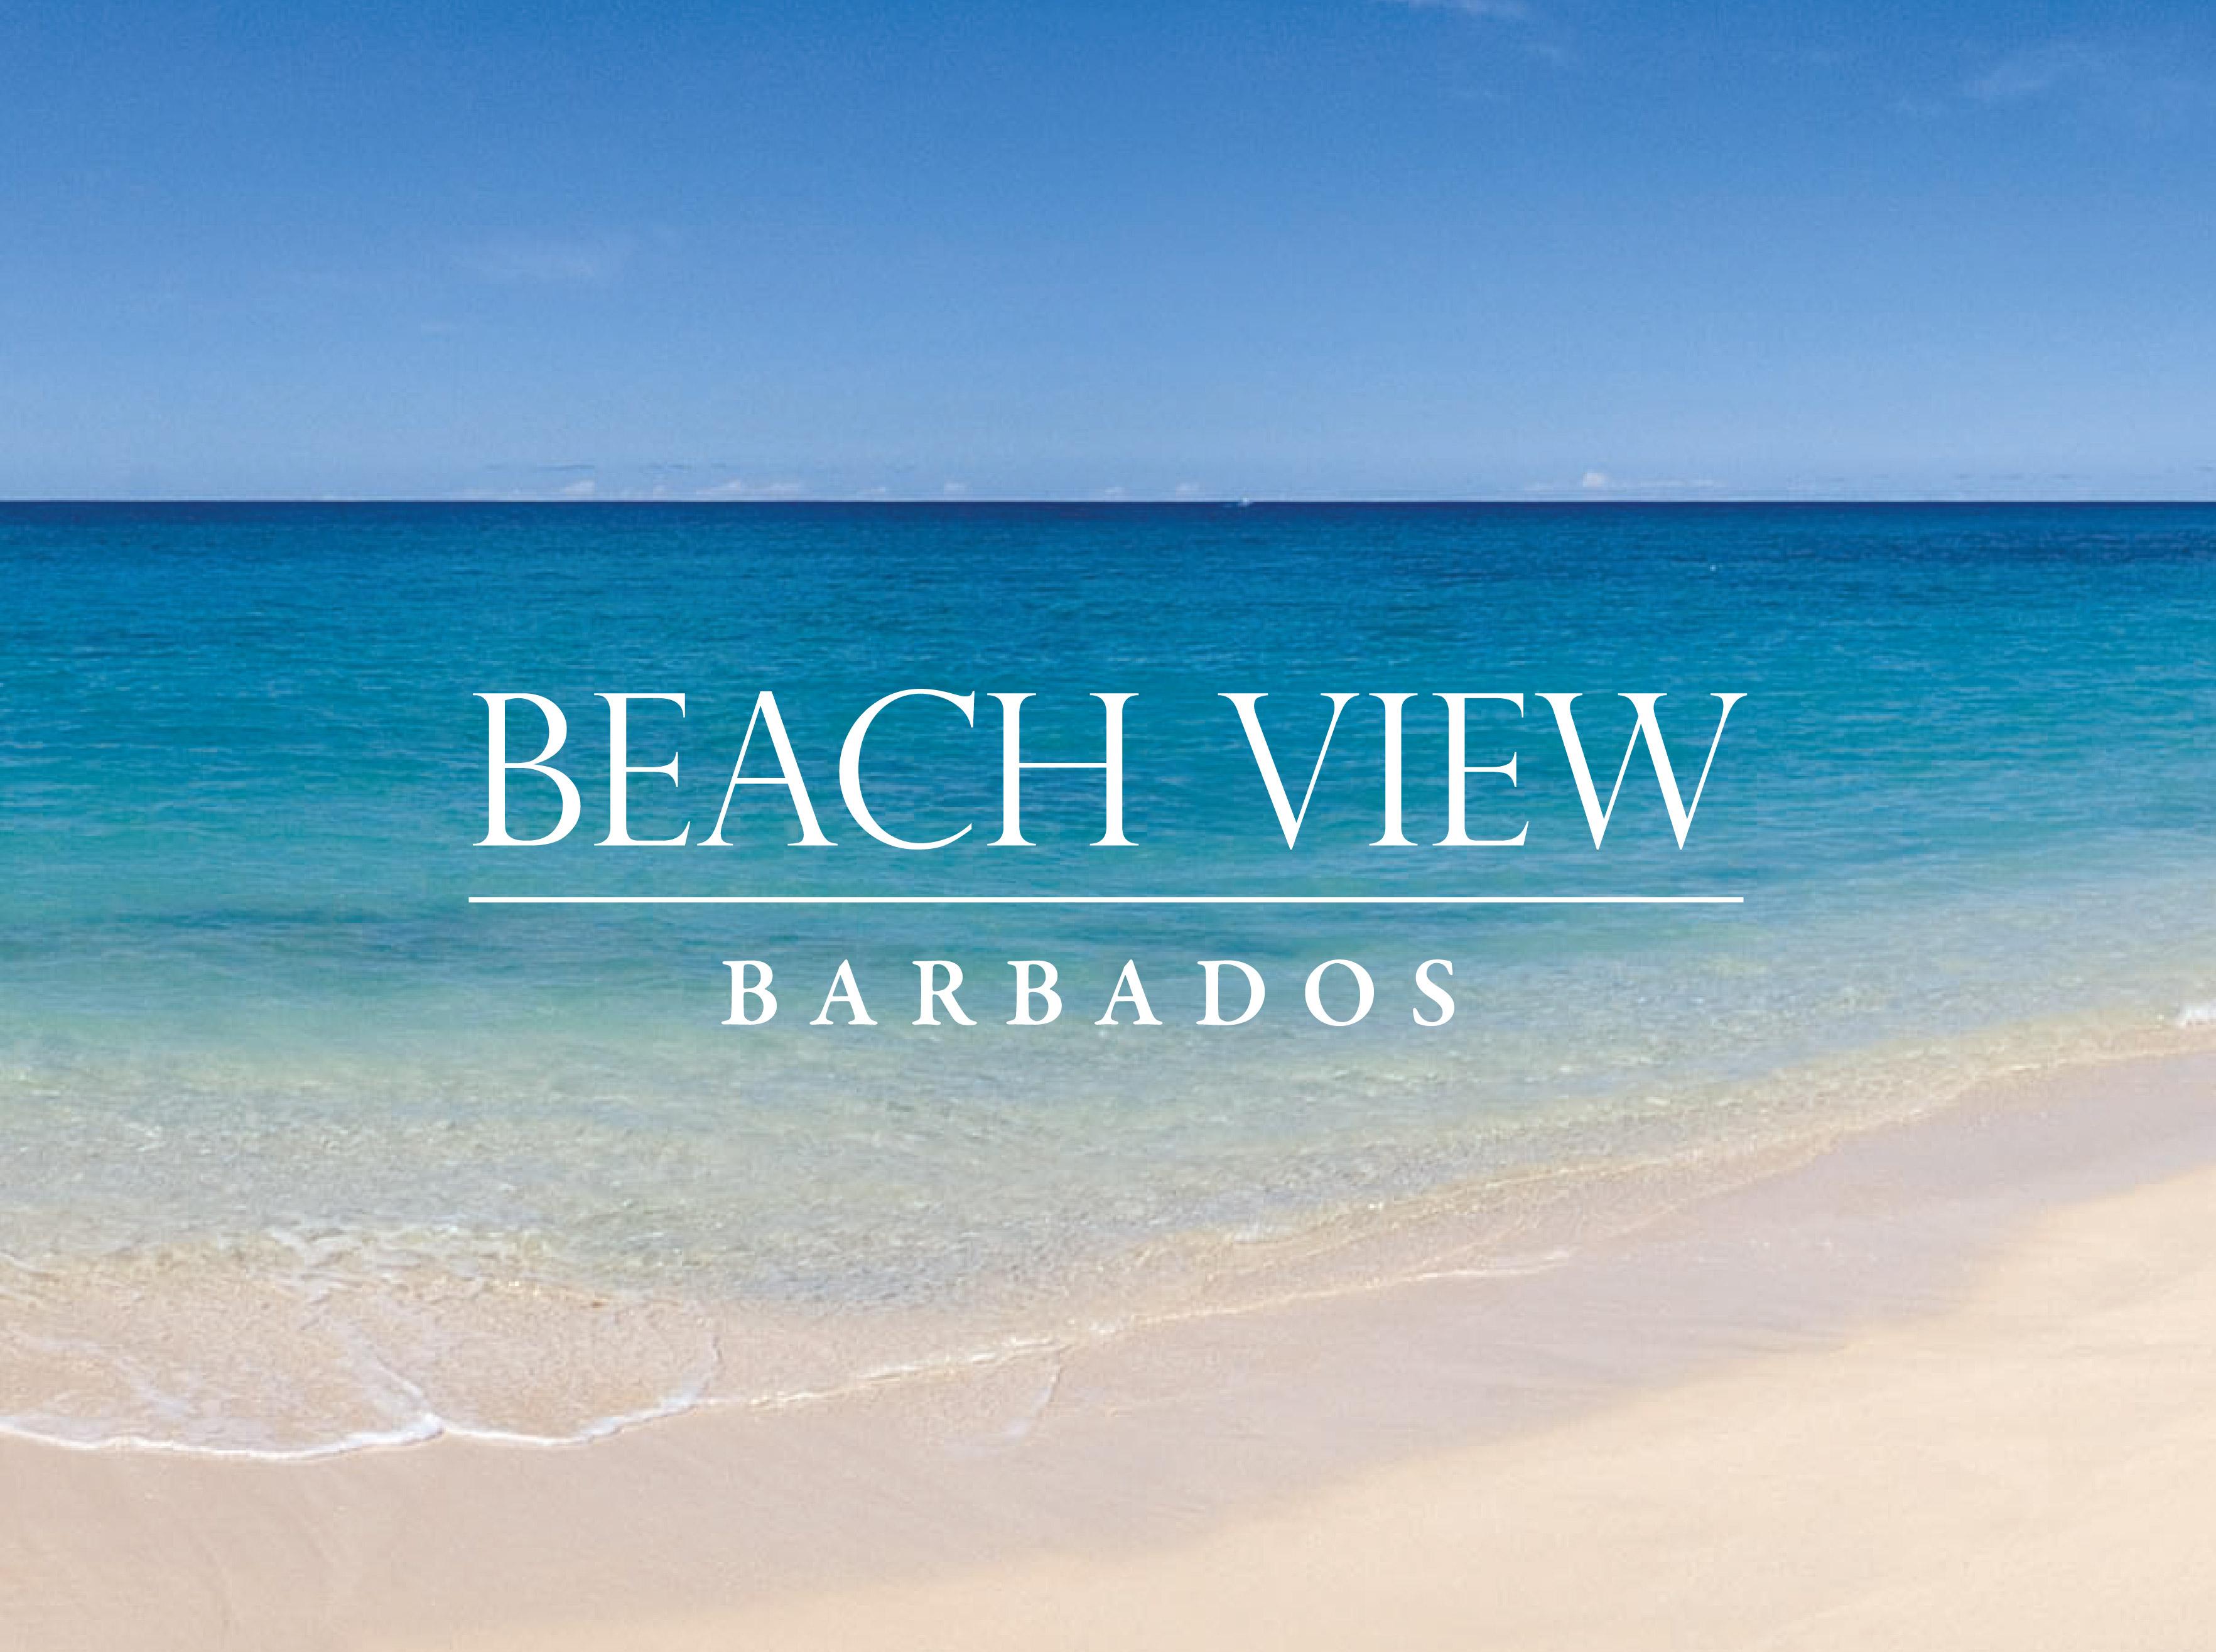 Beachview Barbados